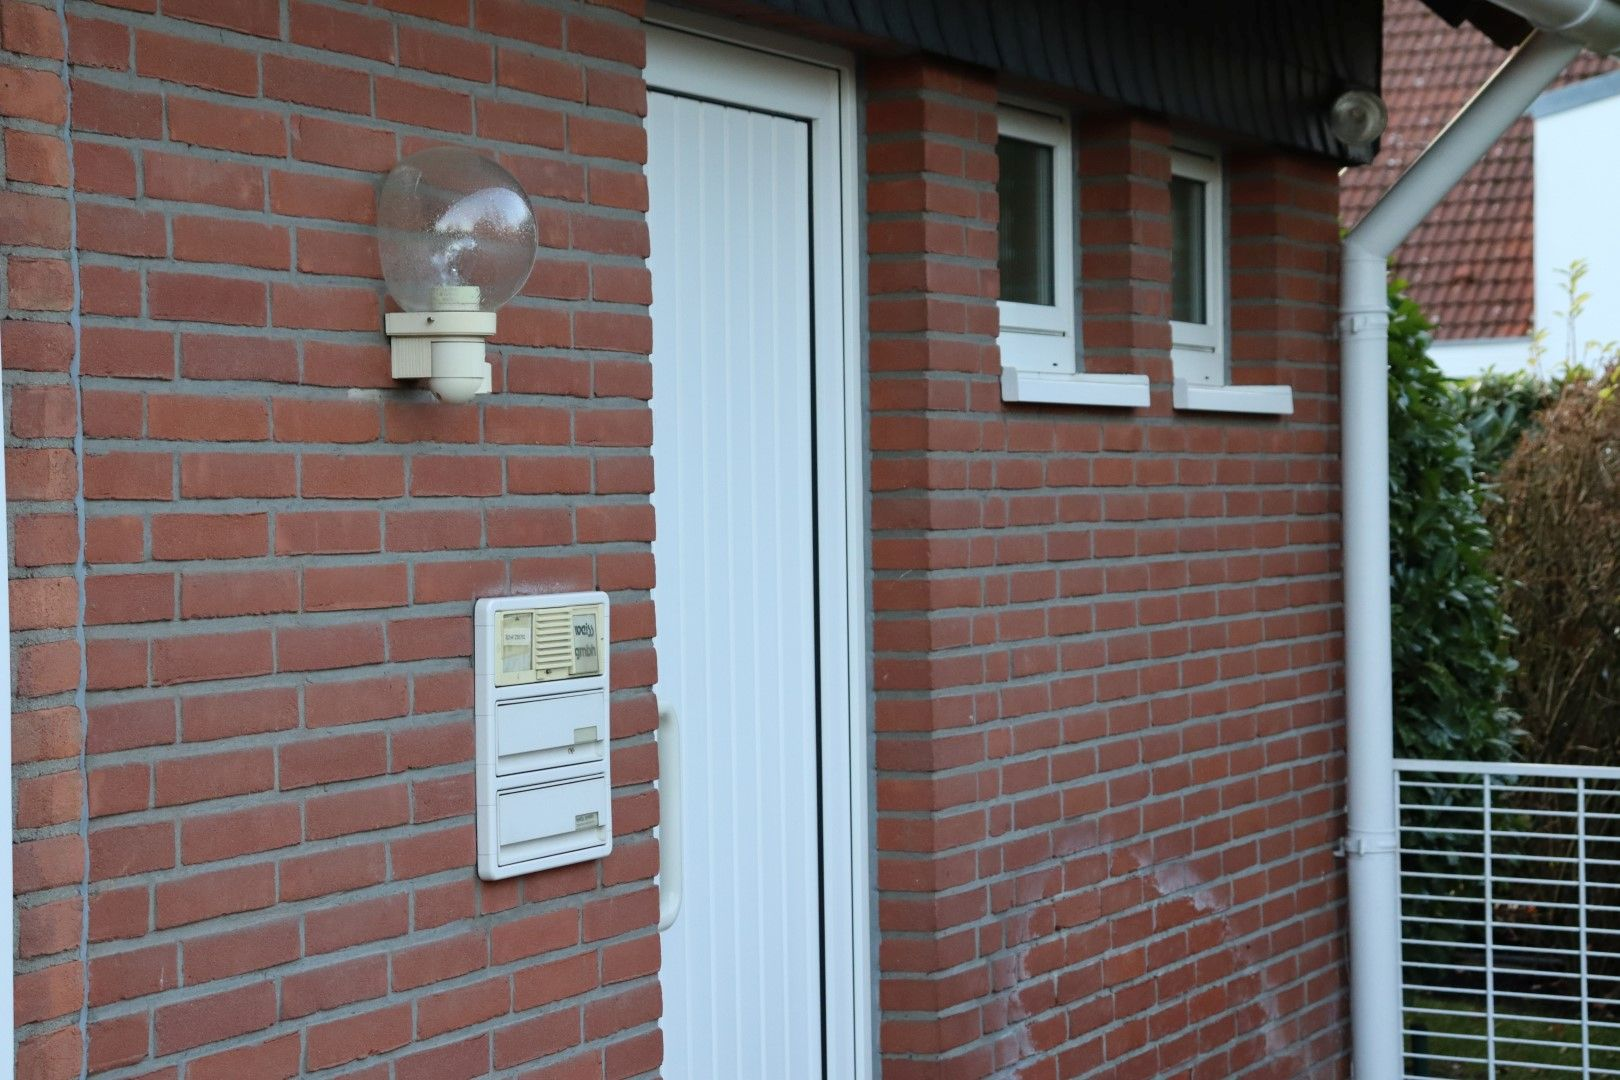 Immobilie Nr.0284 - 3 Räume, Küche, Badezimmer, Stellplatz - Bild 2.jpg